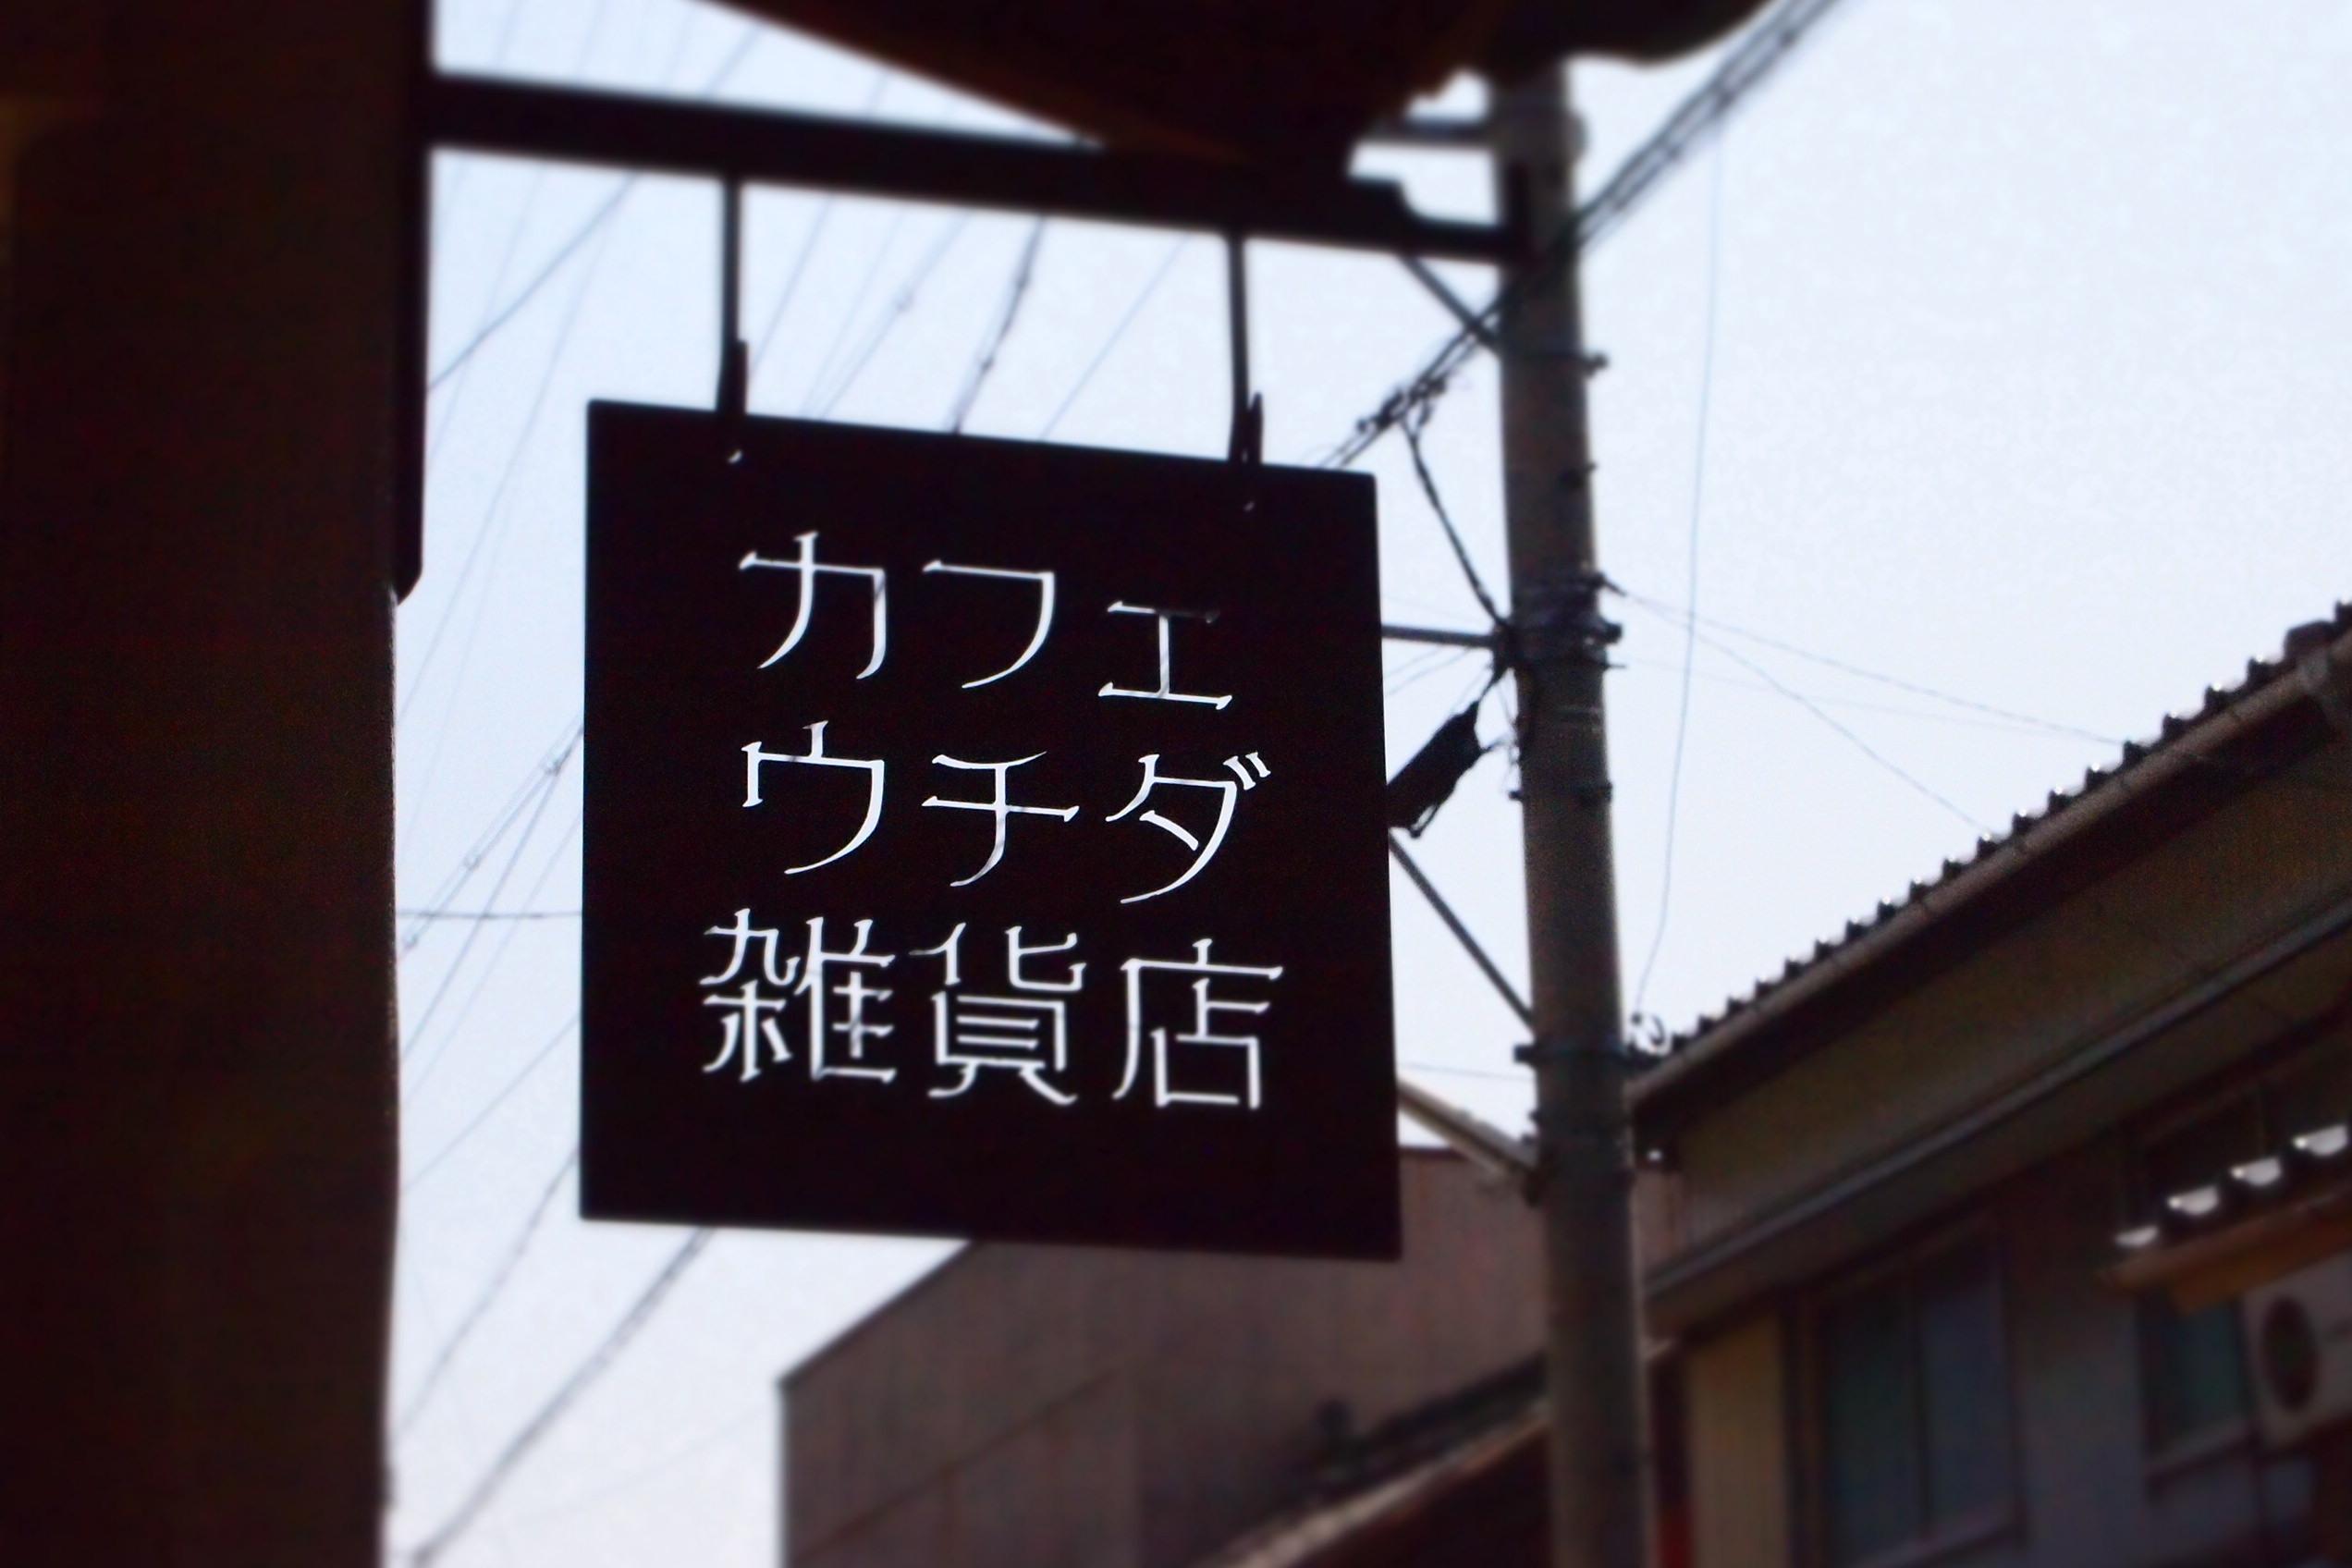 カフェ ウチダ 雑貨店さんのぶらりん看板_c0148232_21543308.jpg